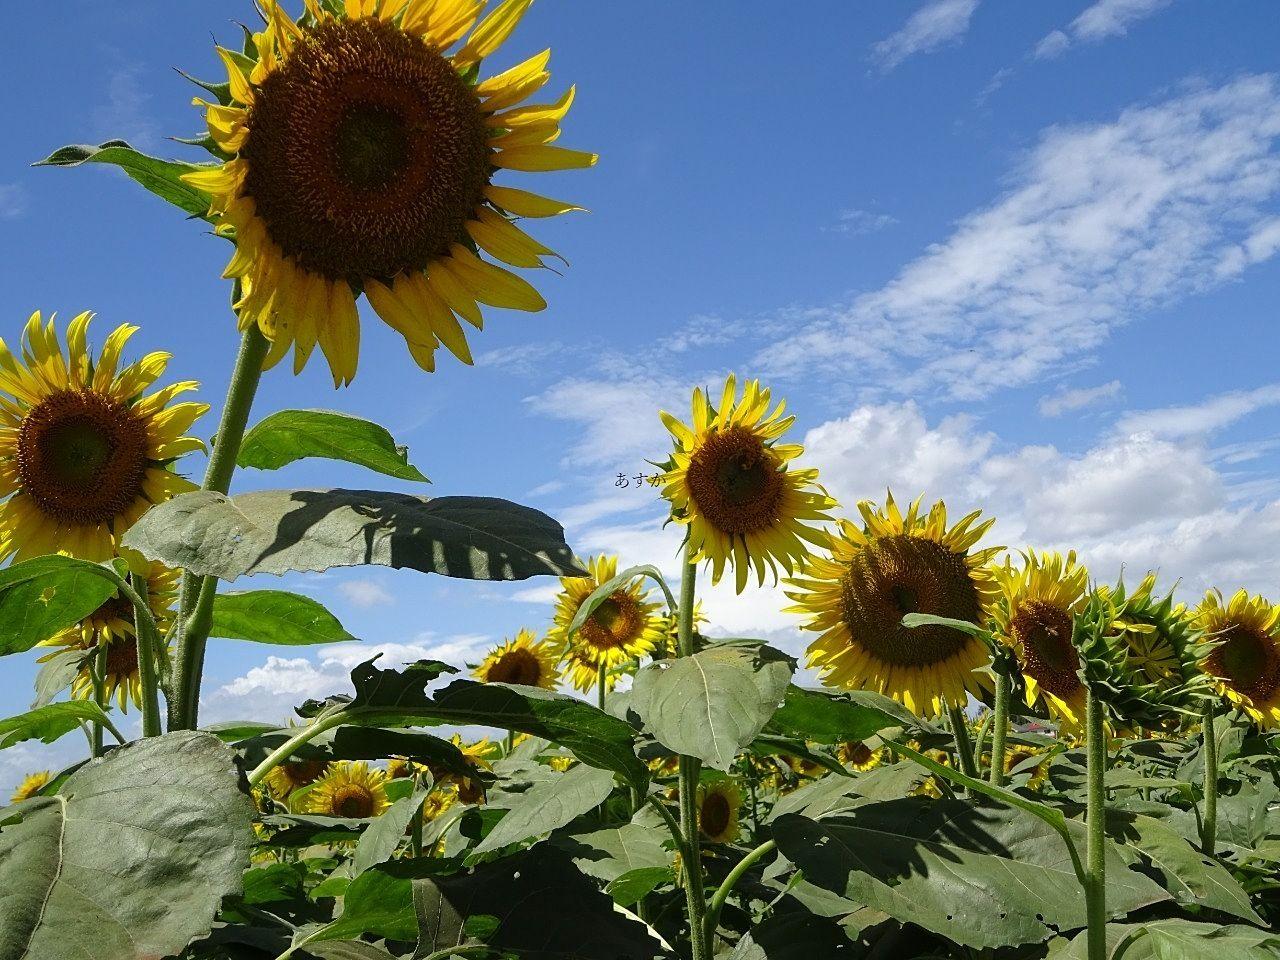 夏!清瀬で都内最大級ひまわりフェスティバル。太陽の下で広大なひまわり畑が見られます。